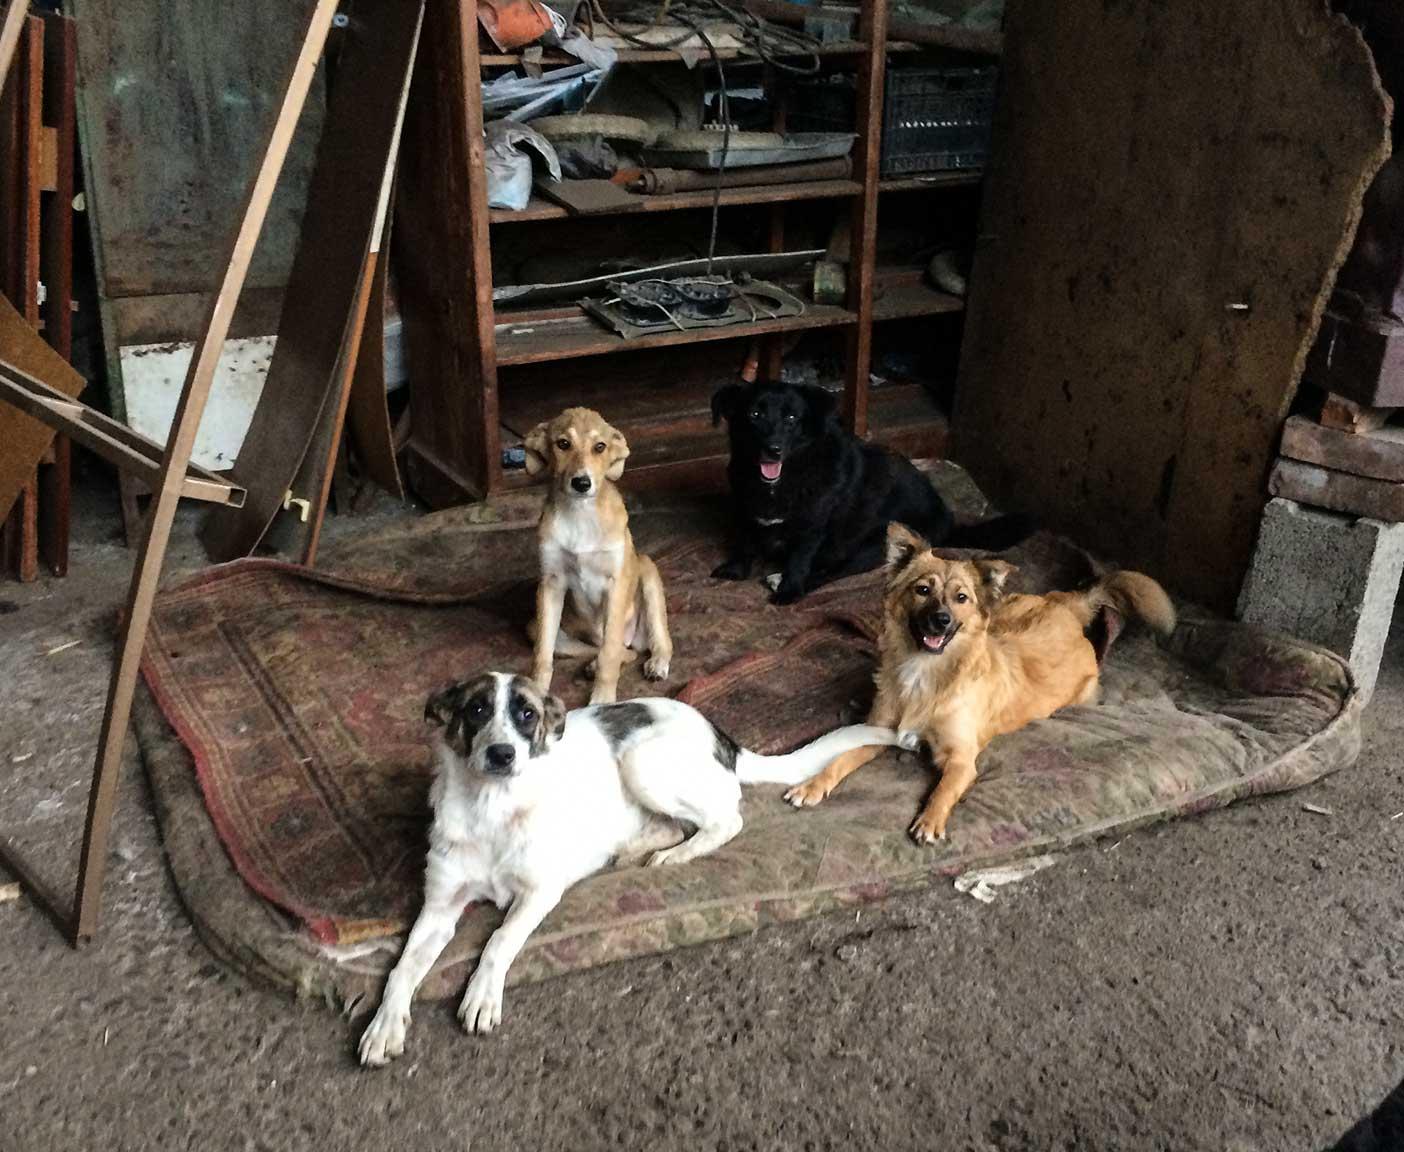 russische-hunde-straßenhunde-tierheim-adoption-vermittlung-von-haustieren-hilfe-spenden-7